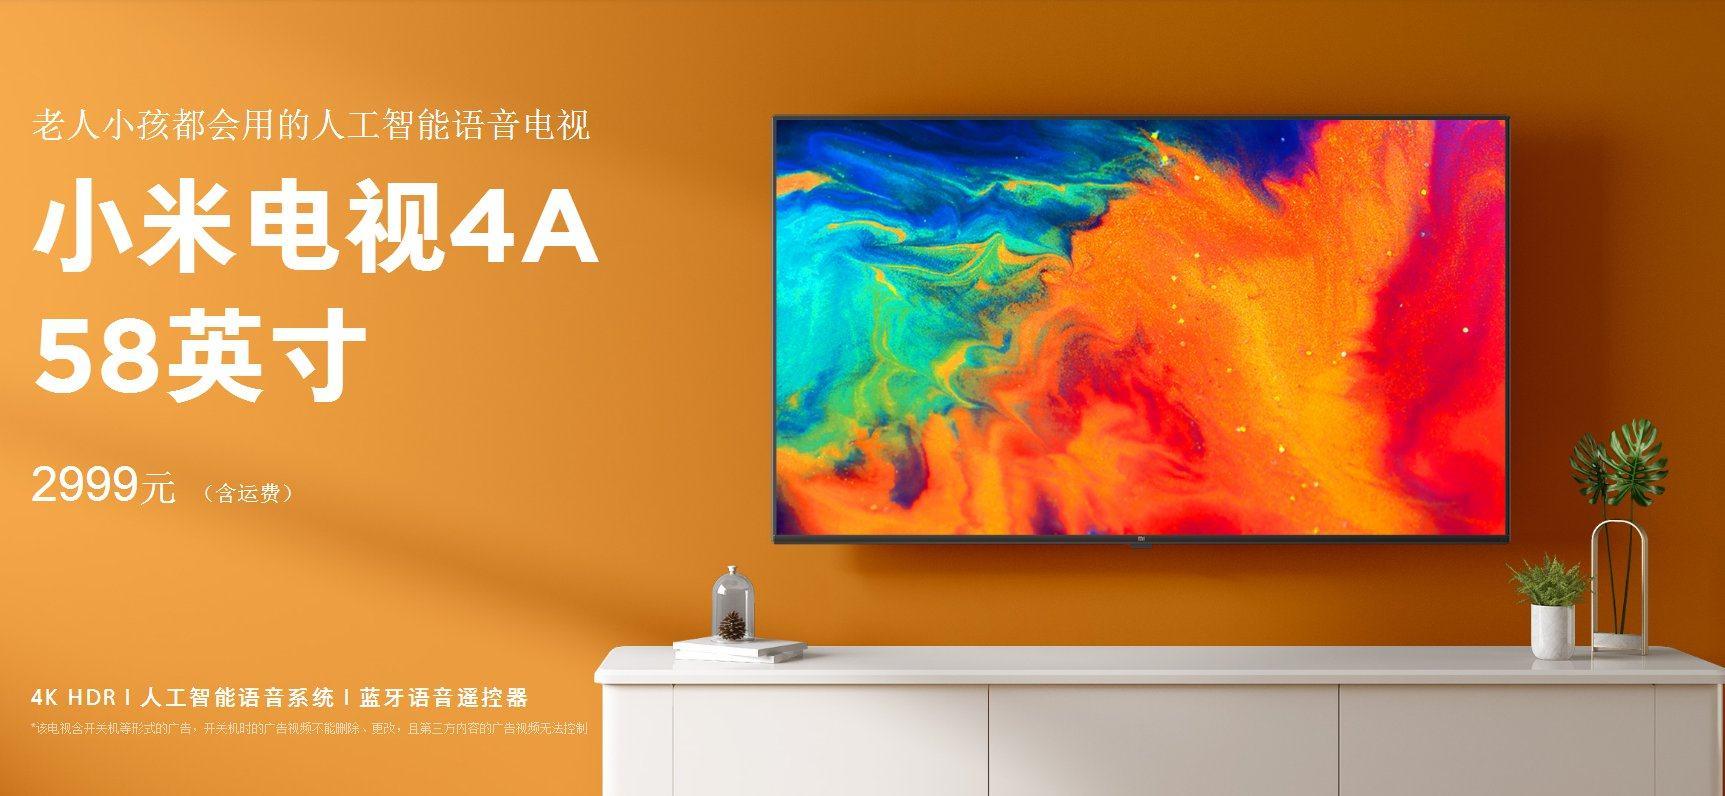 科技早报 小米电视4A 58吋新品发布;华为或将发首款智能音箱